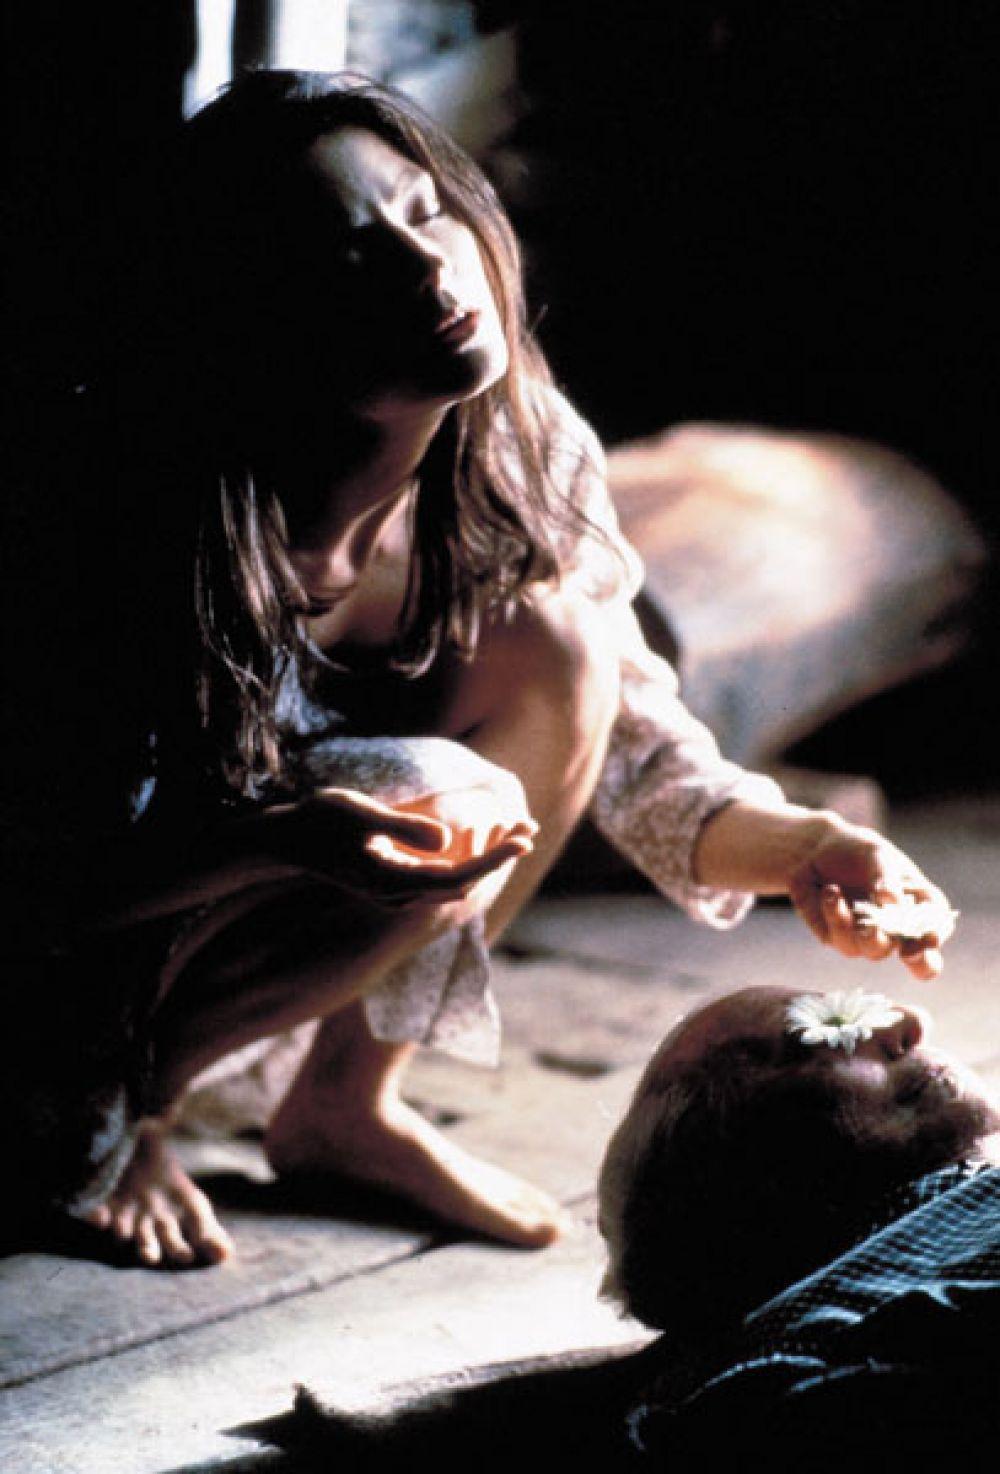 В 1995 году была снова номинирована на эту кинопремию за роль в фильме «Нелл», но награду получила Джессика Лэнг за работу в «Голубых небесах».